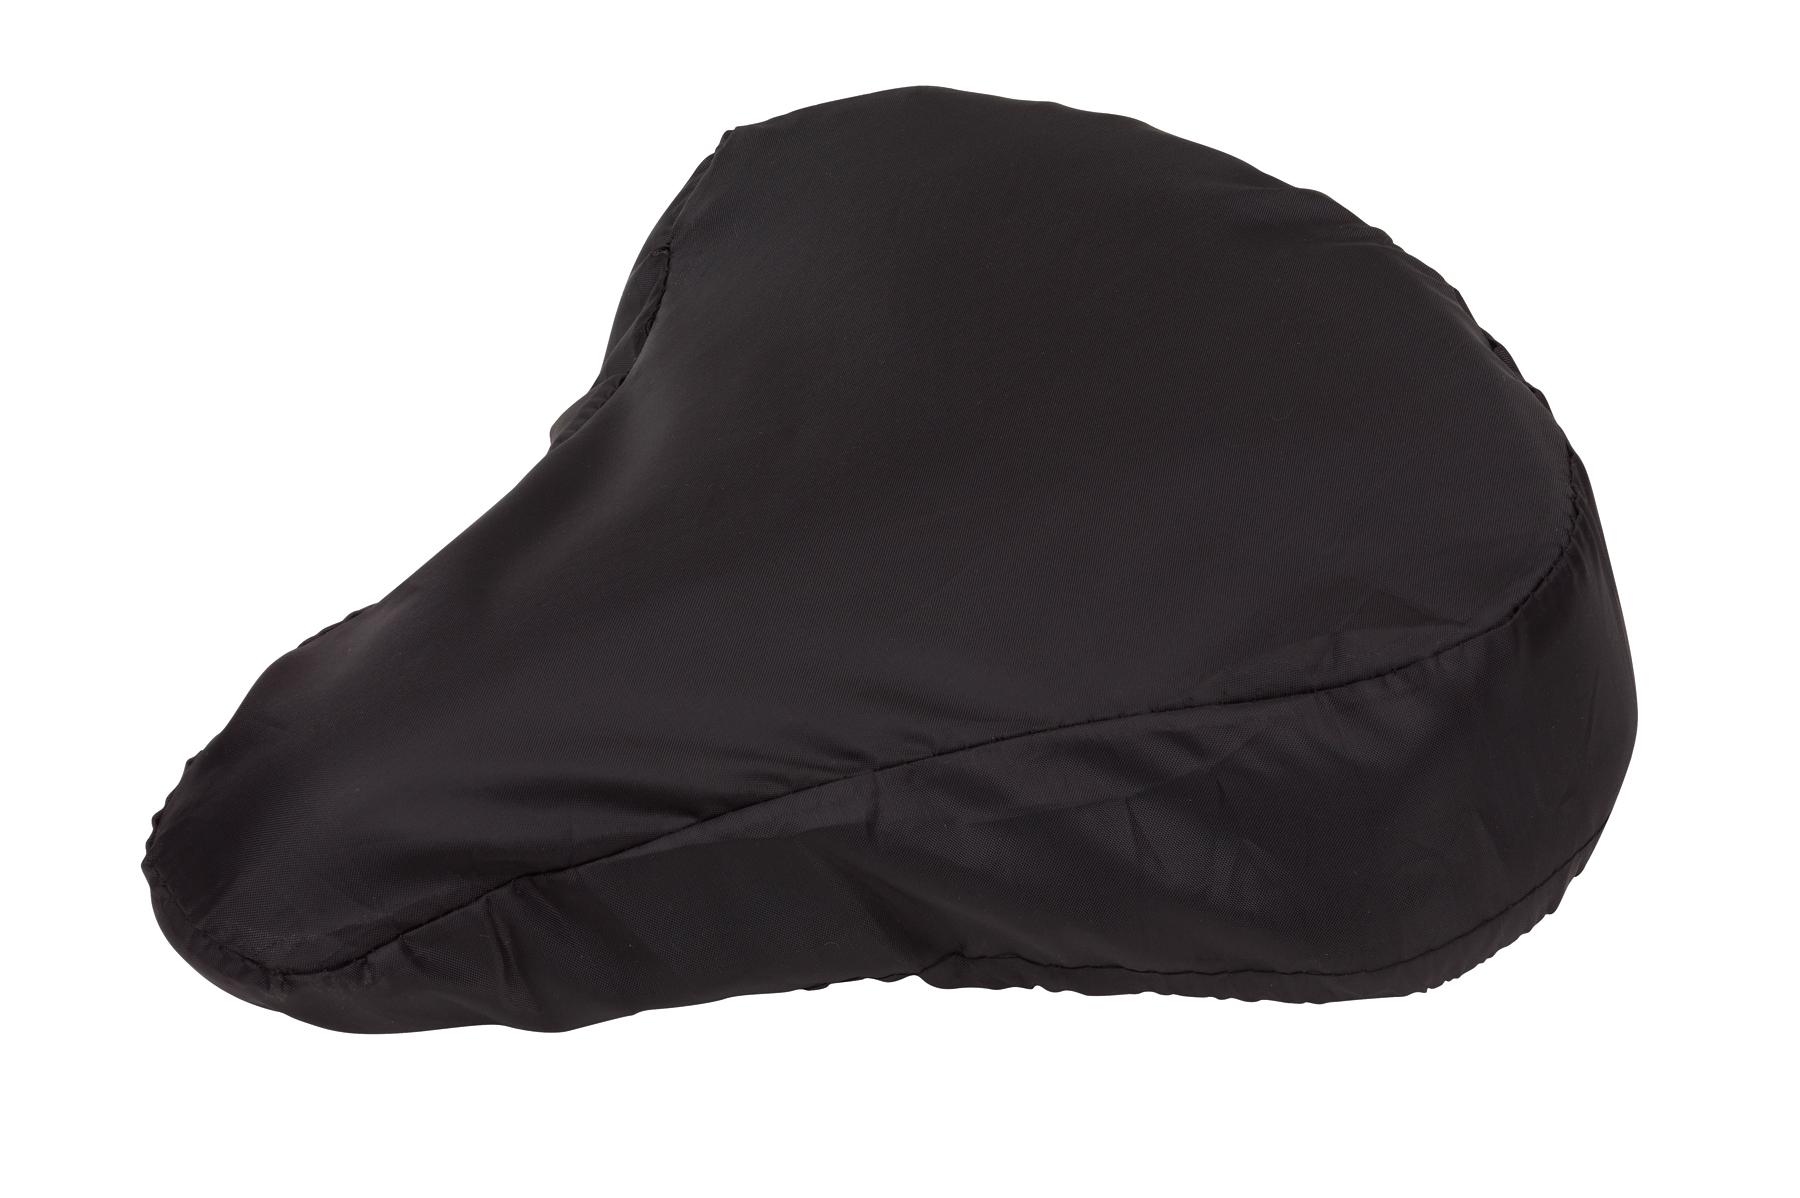 Pokrowiec na siodełko rowerowe DRY SEAT, czarny